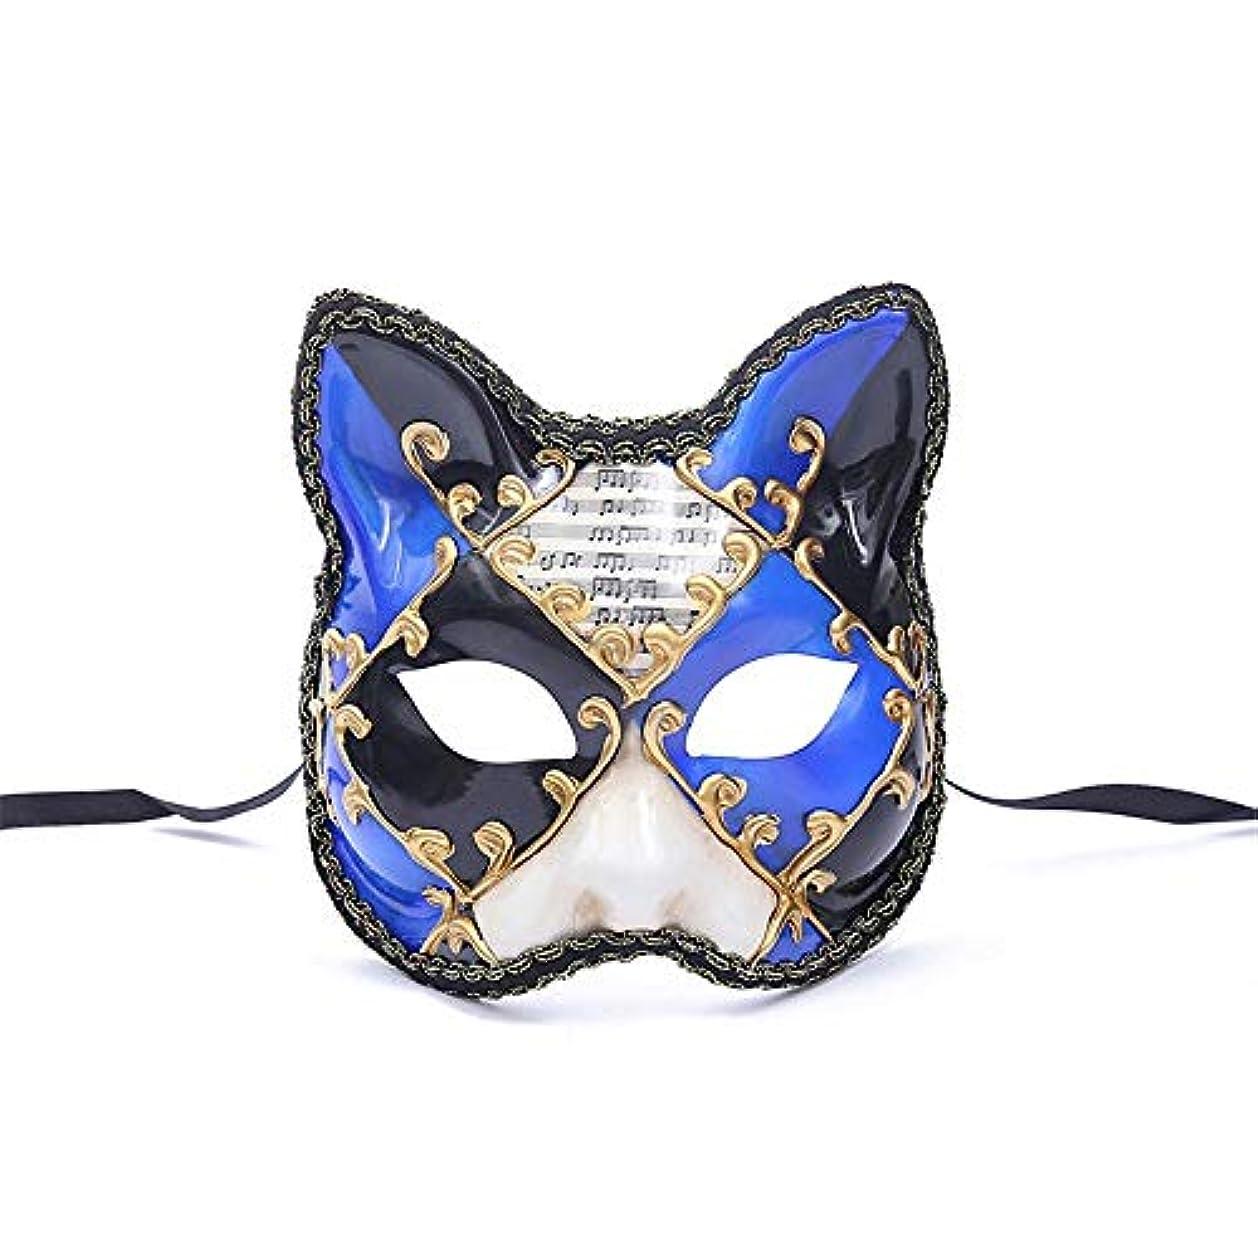 通行人入場料巡礼者ダンスマスク 大きな猫アンティーク動物レトロコスプレハロウィーン仮装マスクナイトクラブマスク雰囲気フェスティバルマスク ホリデーパーティー用品 (色 : 青, サイズ : 17.5x16cm)